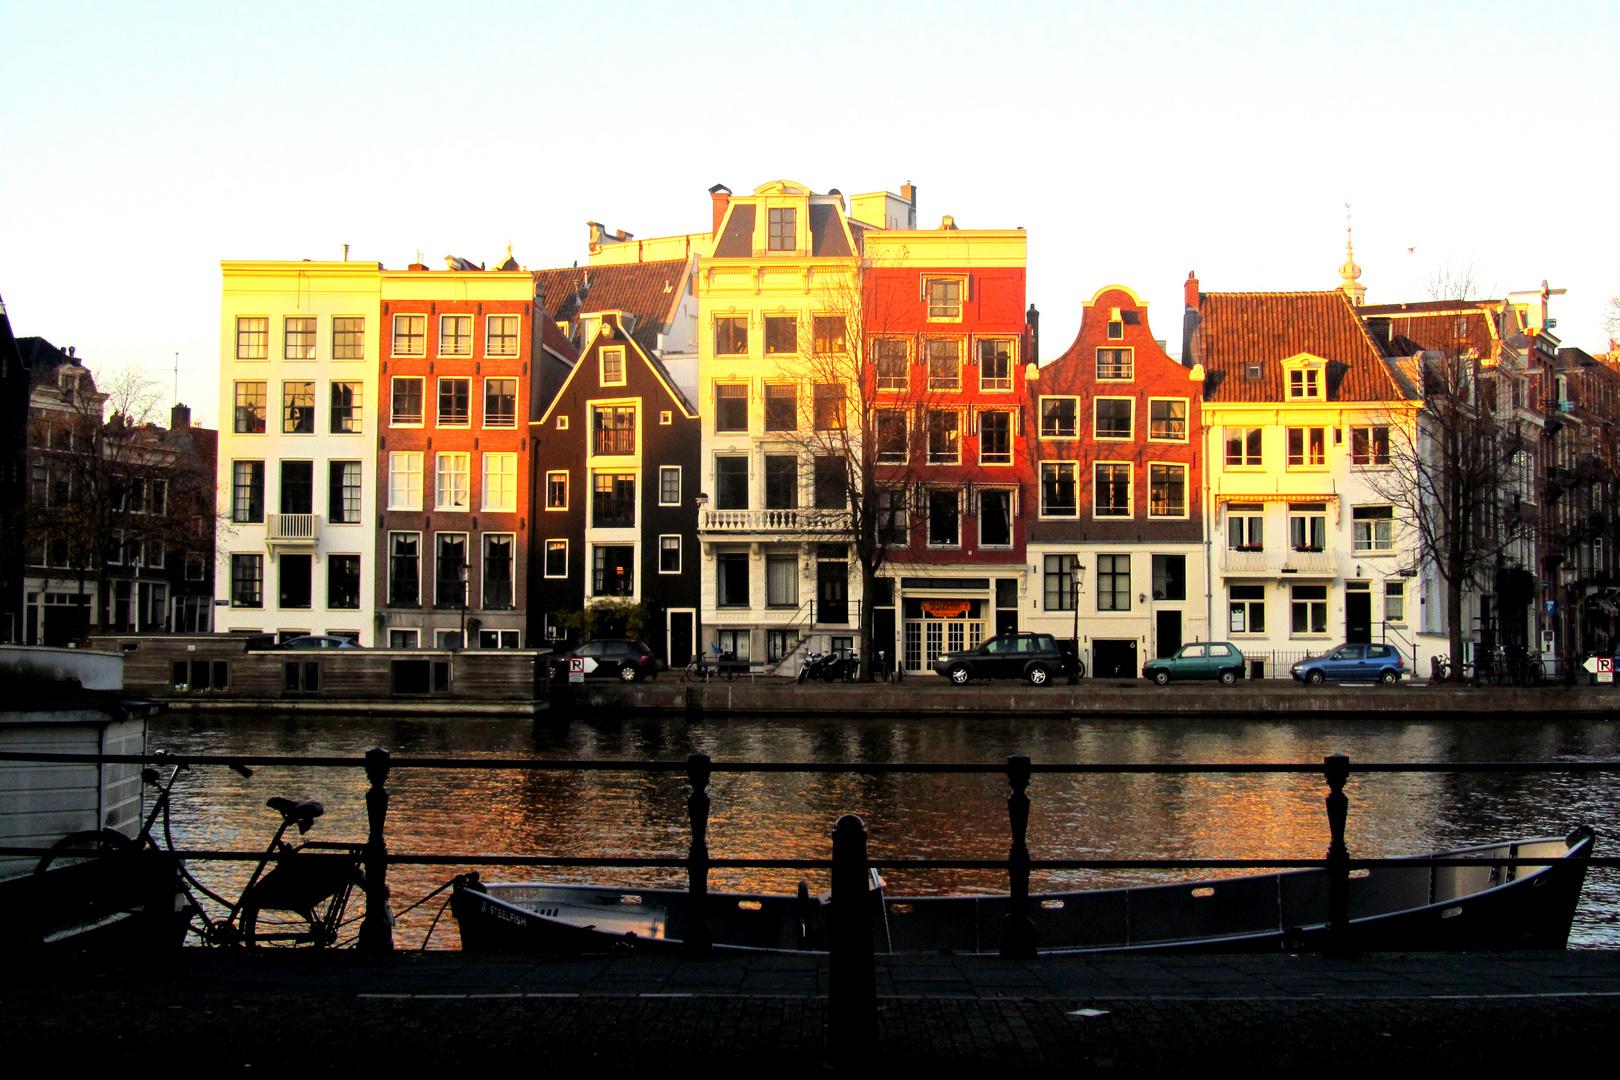 Traumhaftes Amsterdam